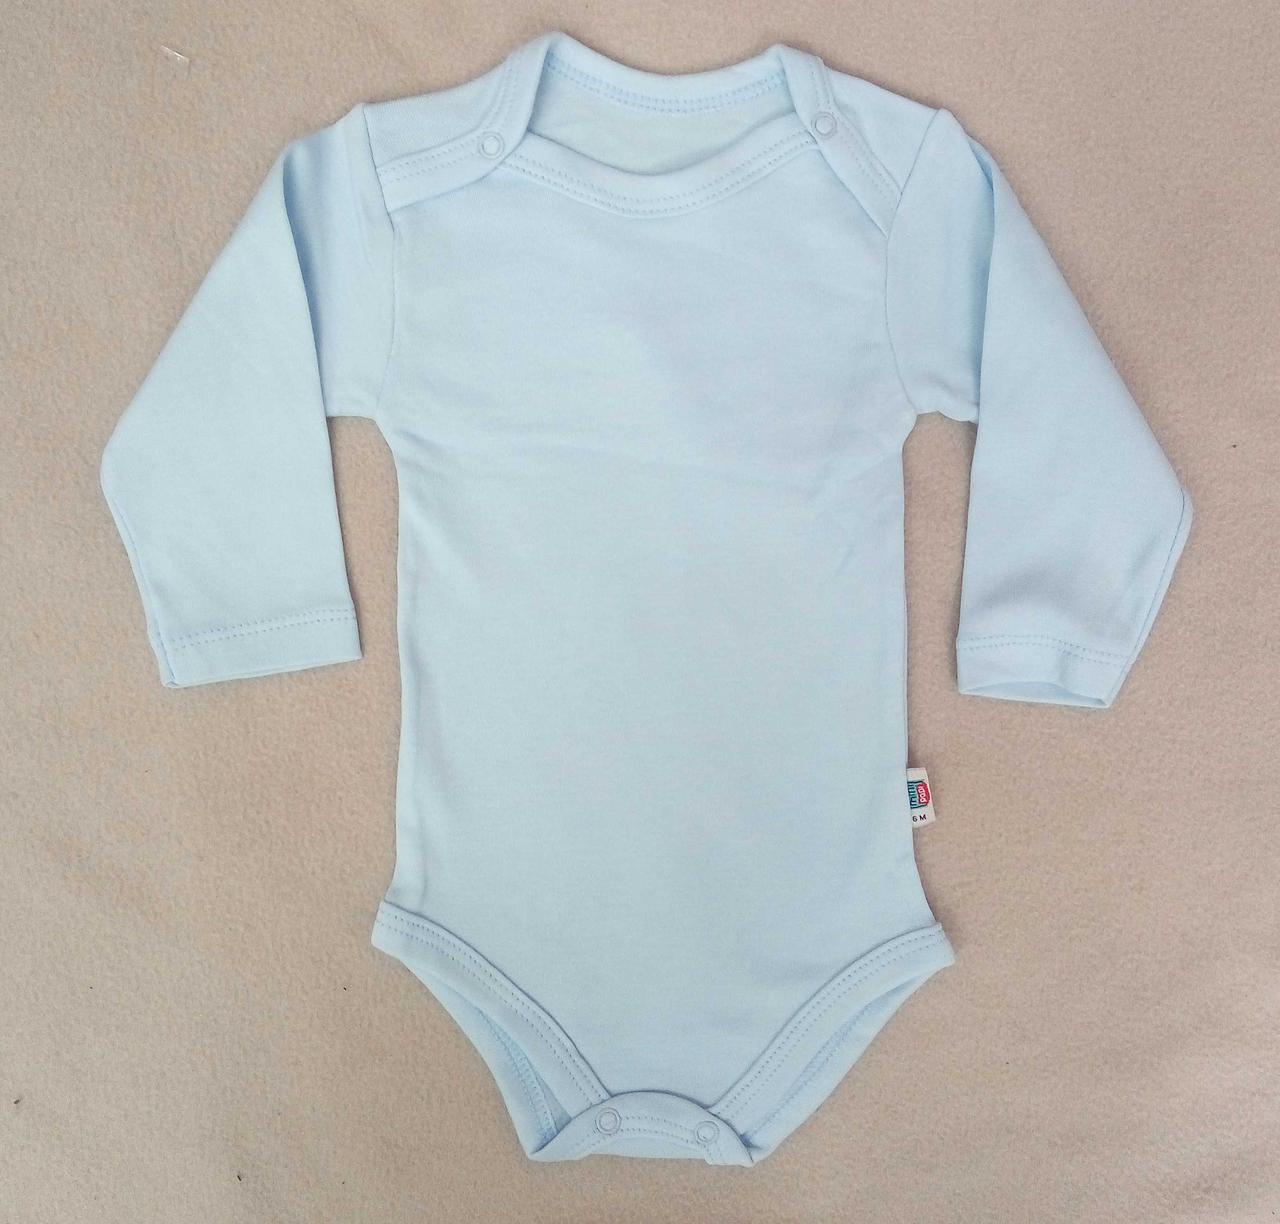 Боди для новорожденных 3-18 месяцев, голубой